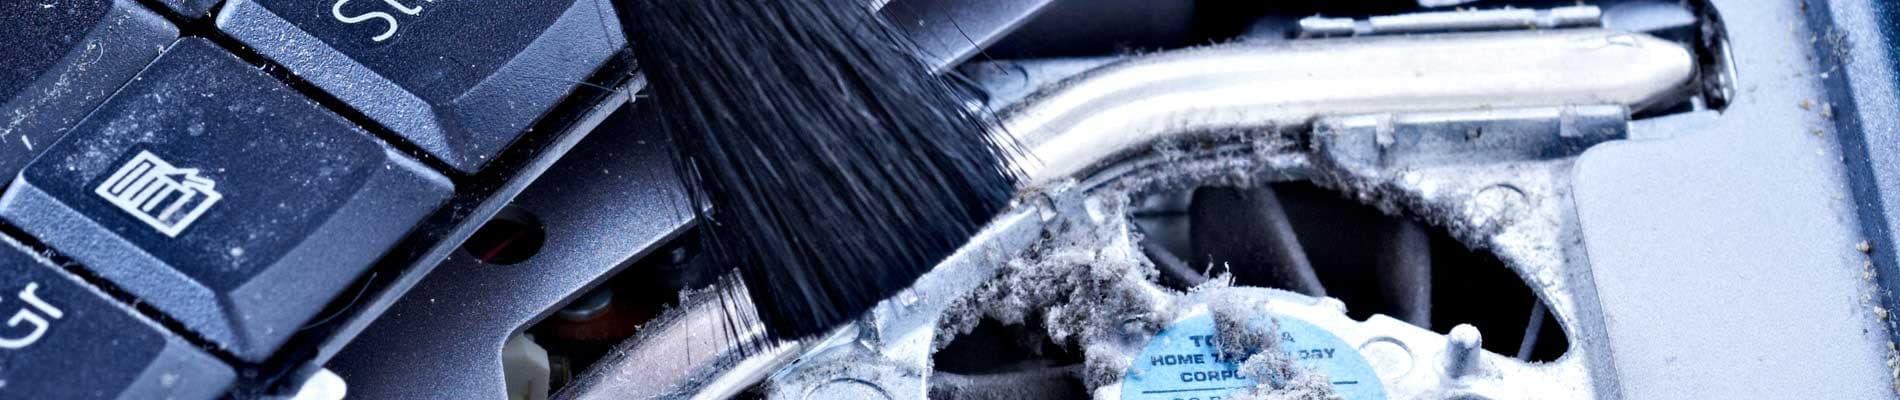 Manutenzione di impianti e macchinari